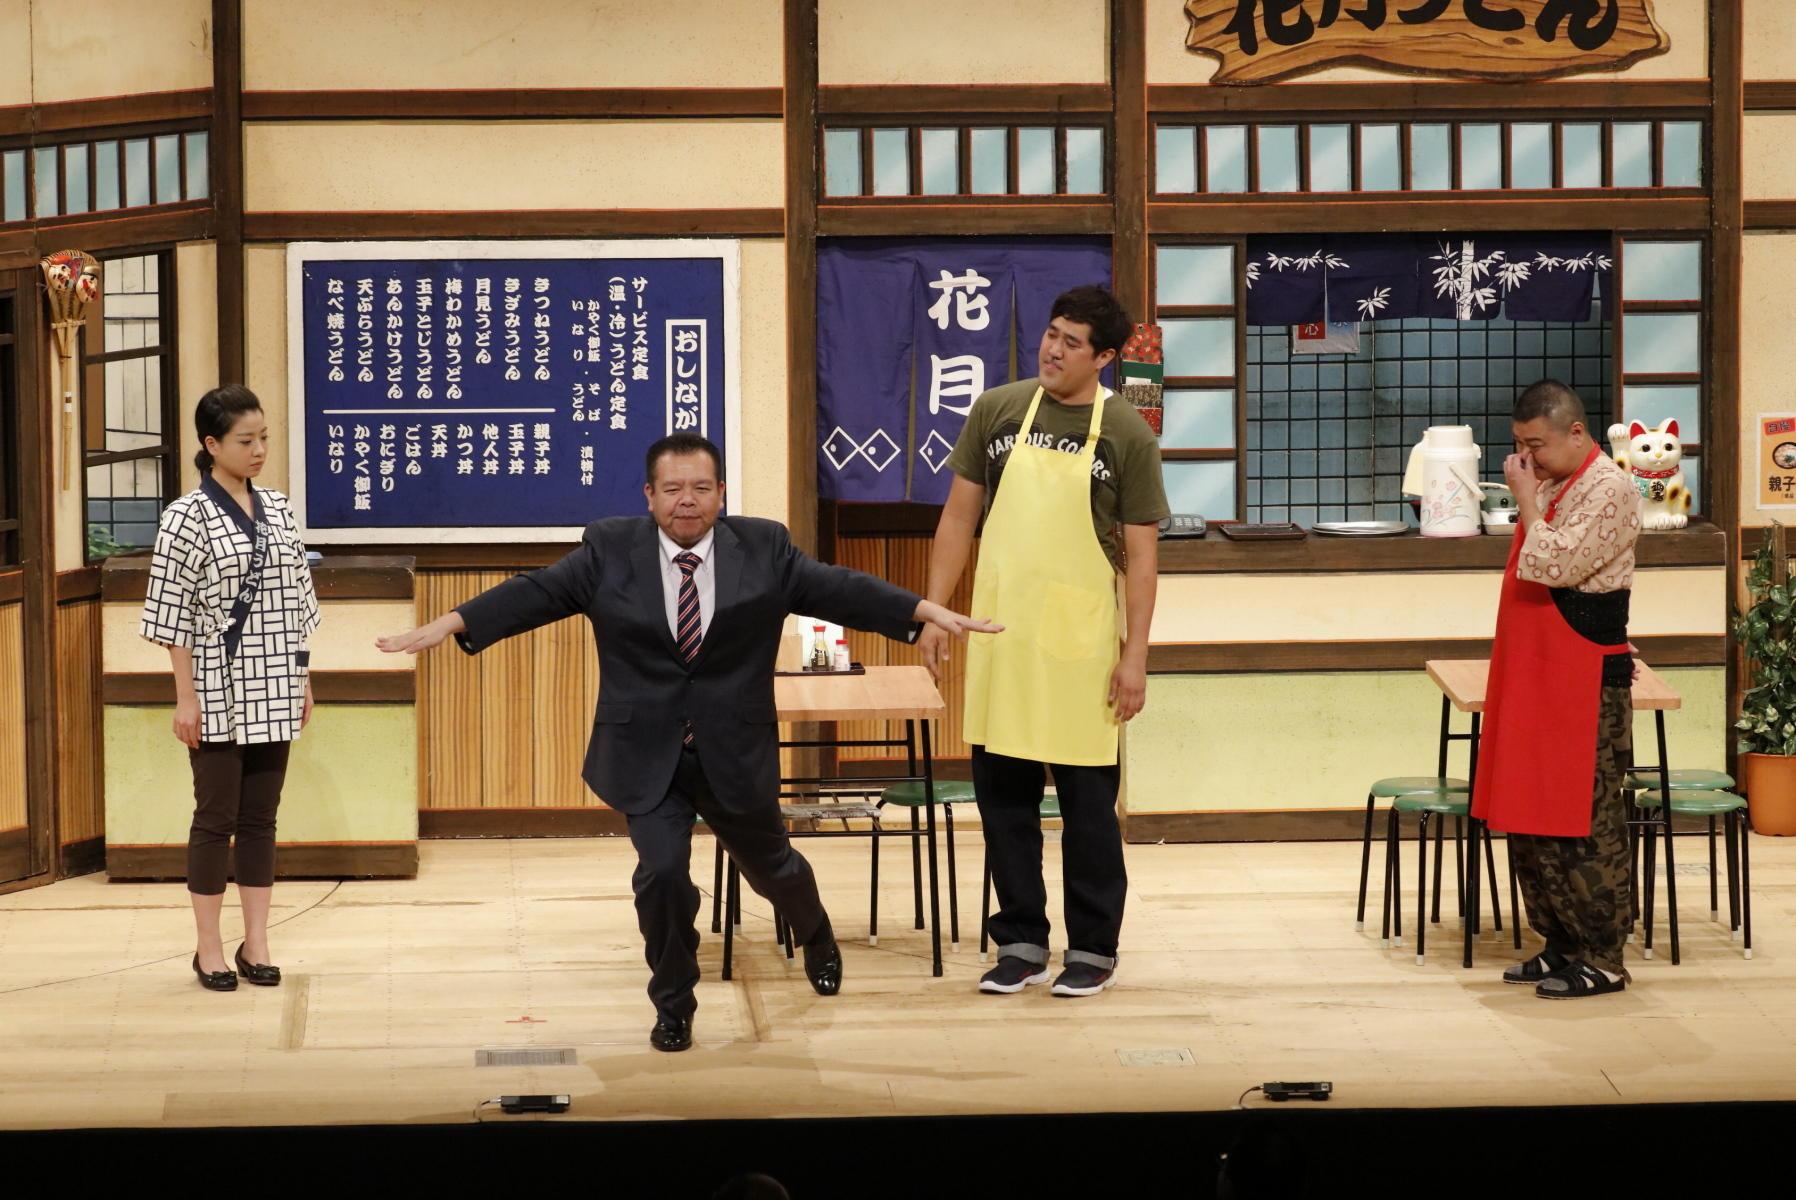 http://news.yoshimoto.co.jp/20160929213953-4872f67c64430849ea61bb1b31b240c2c89b699b.jpg